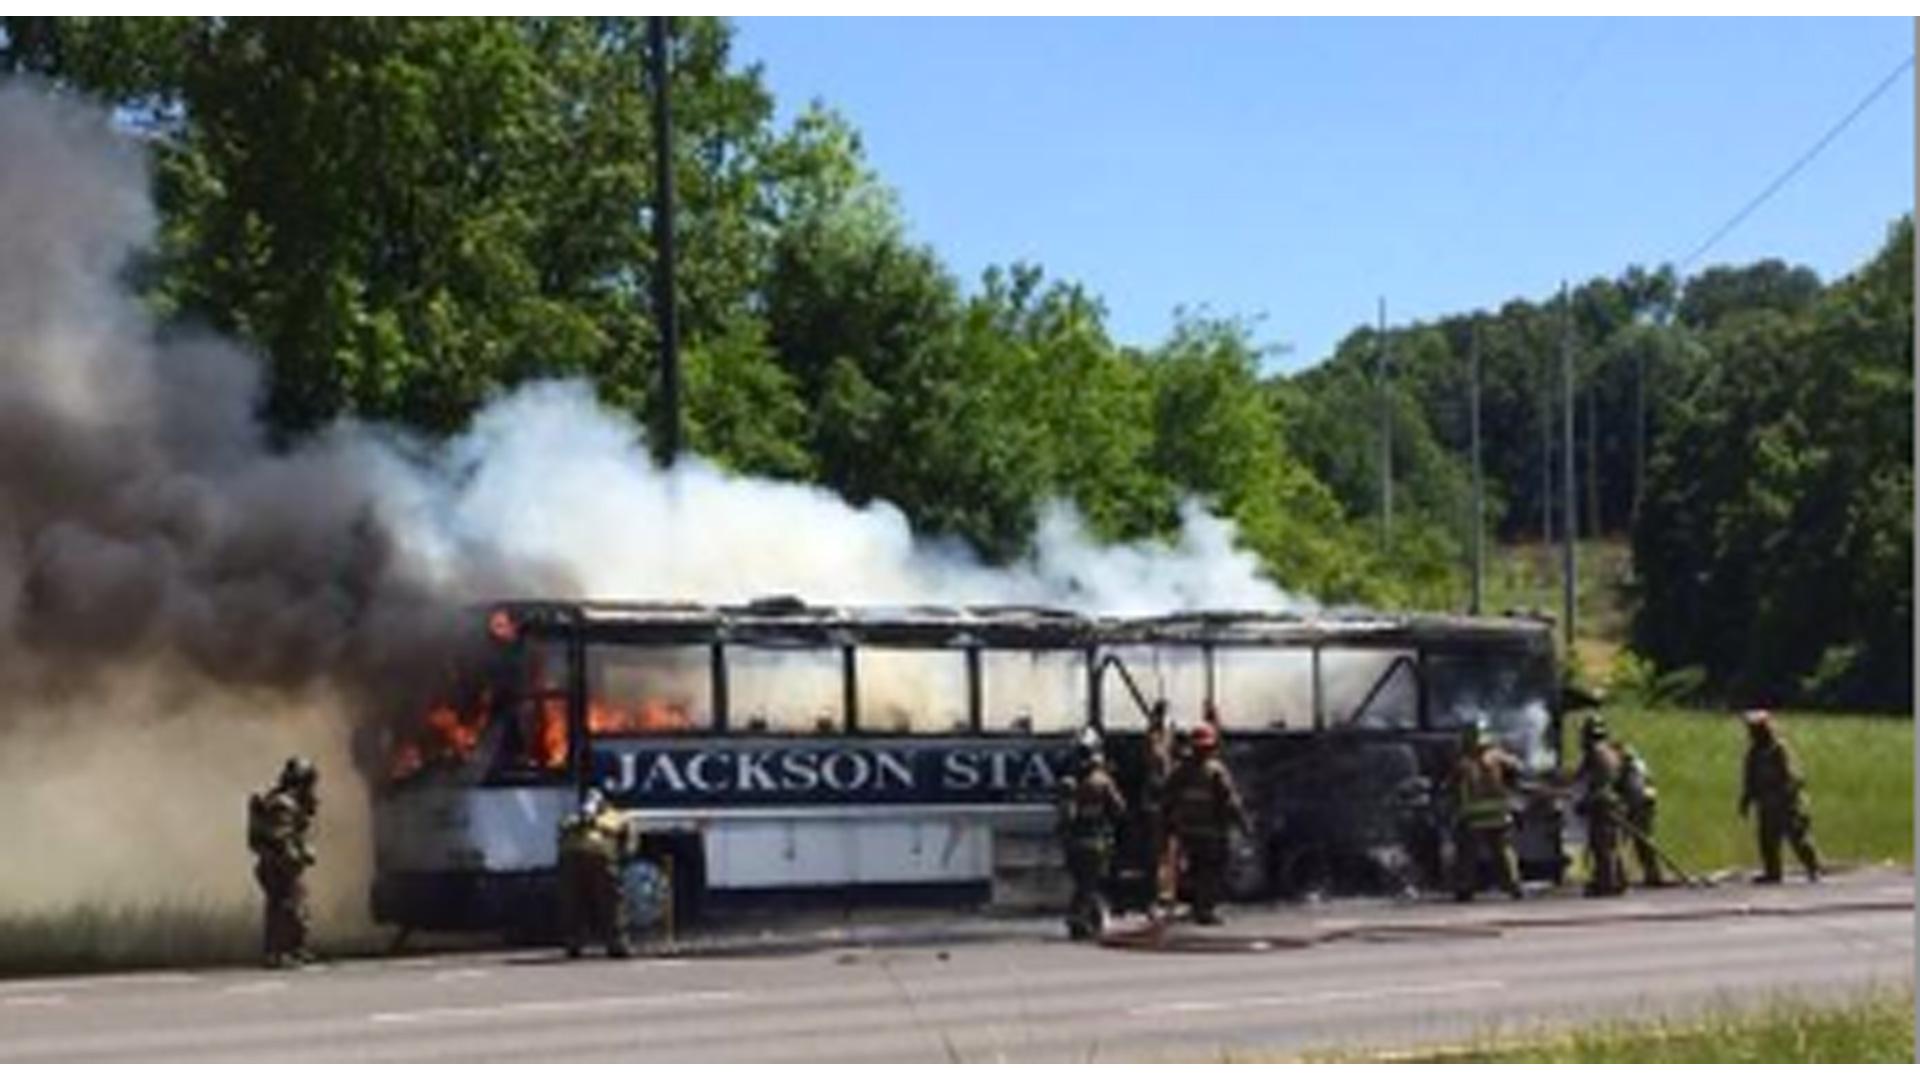 jackson-state-team-bus-050514-twitter-ftr